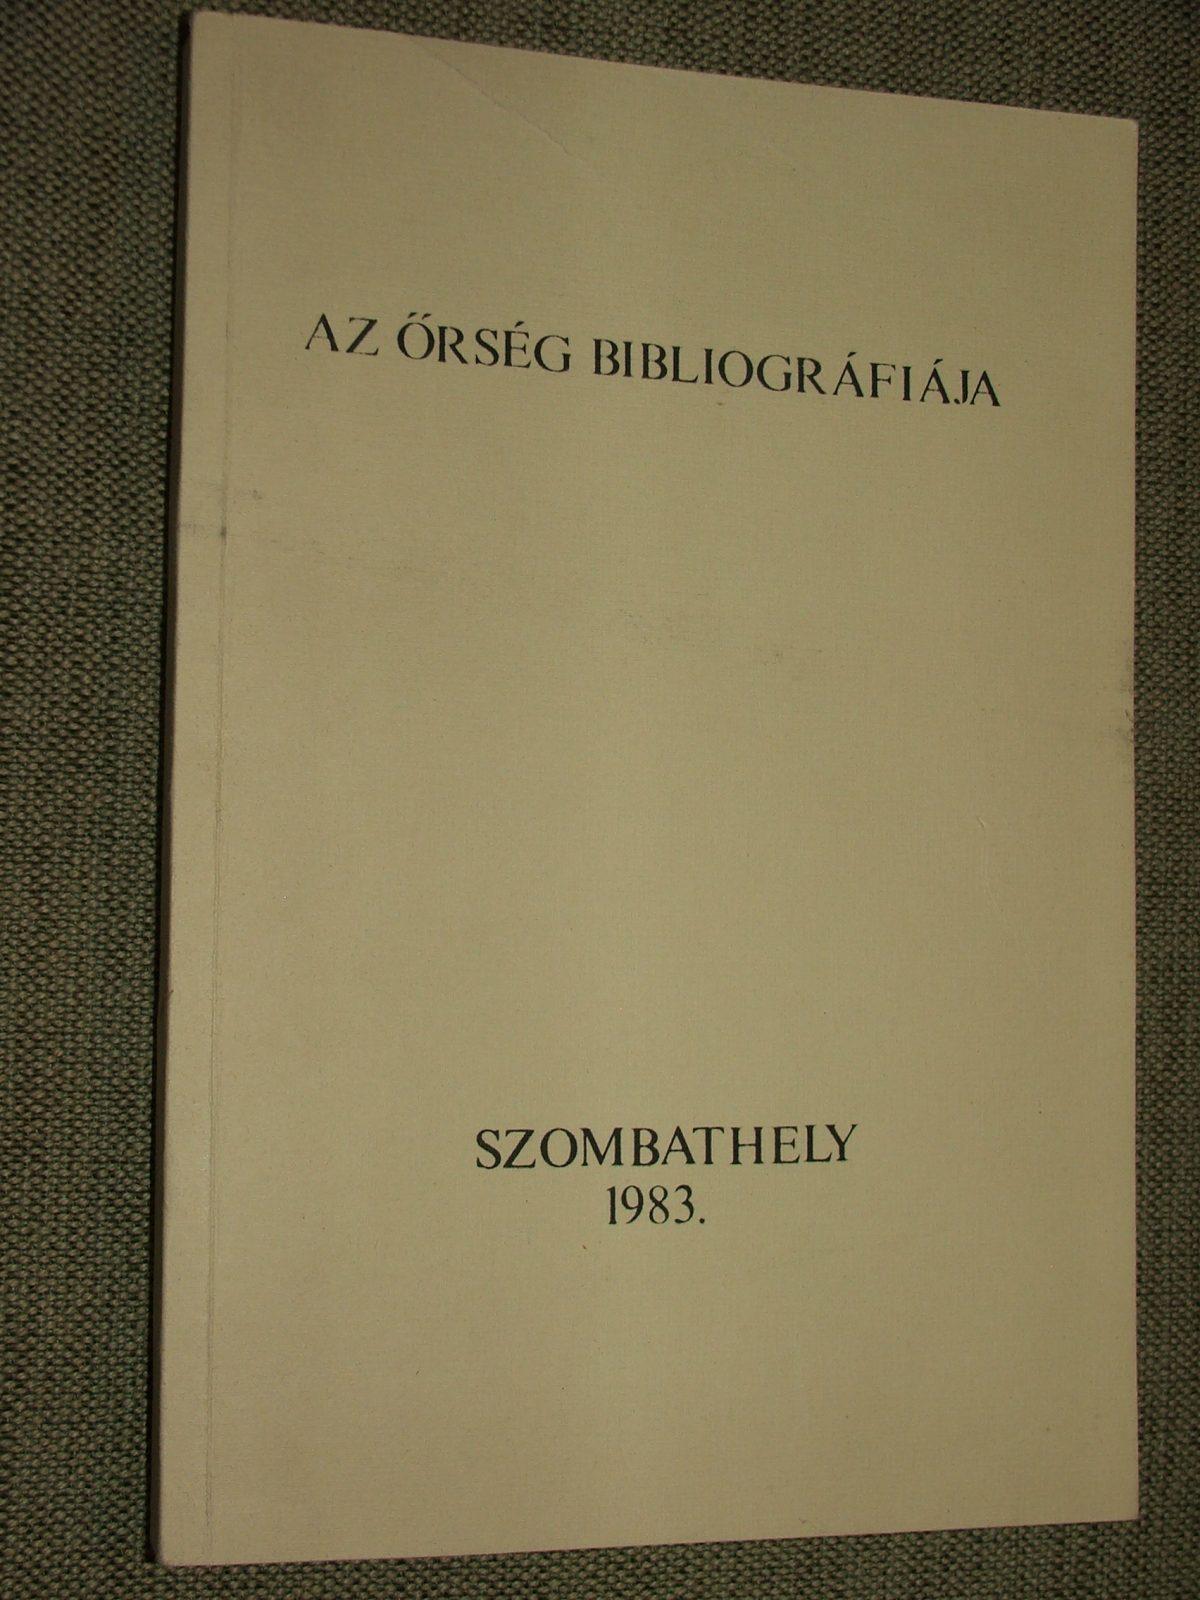 (KÖBÖLKUTI Katalin és NAGY Imre): Az Őrség bibliográfiája